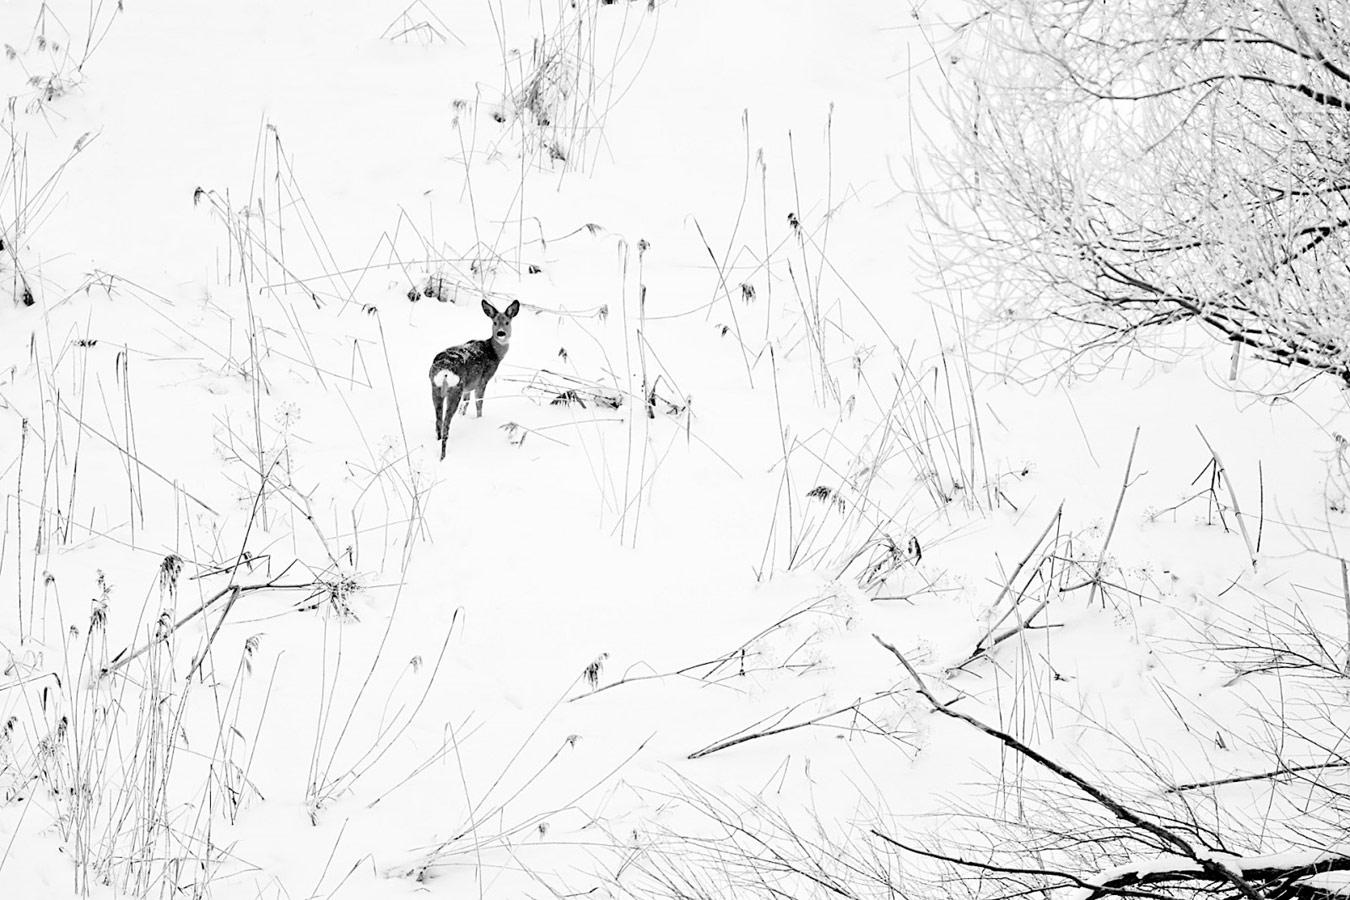 Зимы ждала, ждала природа, © Евгений Мазурин